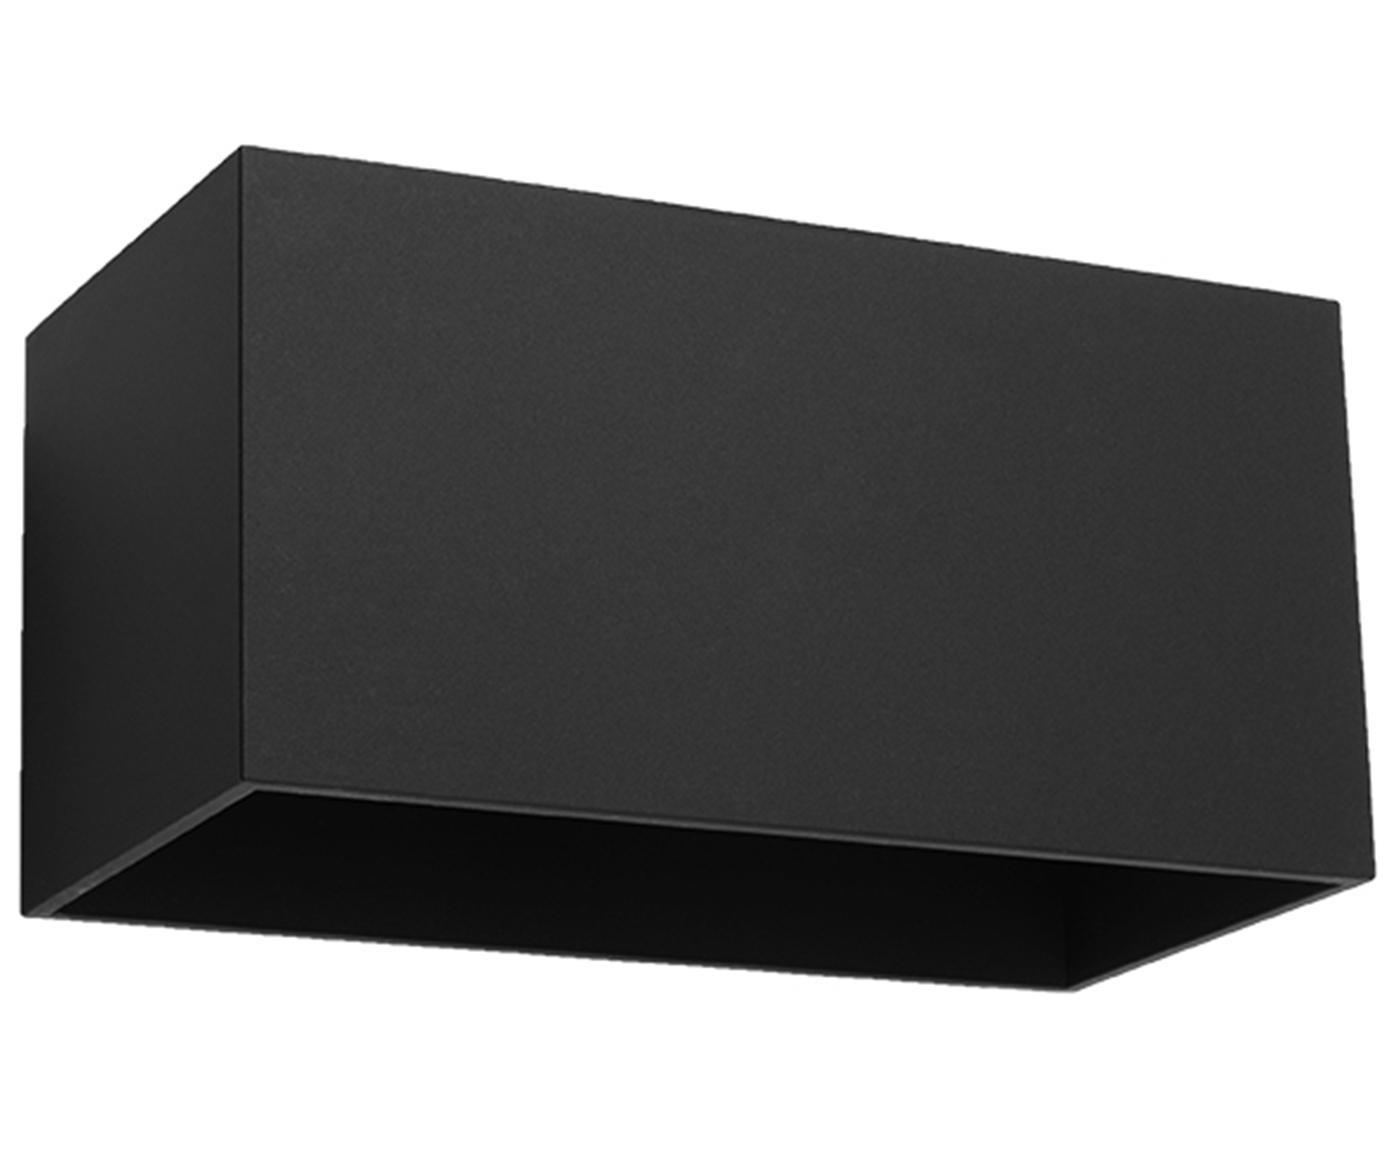 Wandleuchte Geo Maxi, Aluminium, Schwarz, 20 x 10 cm